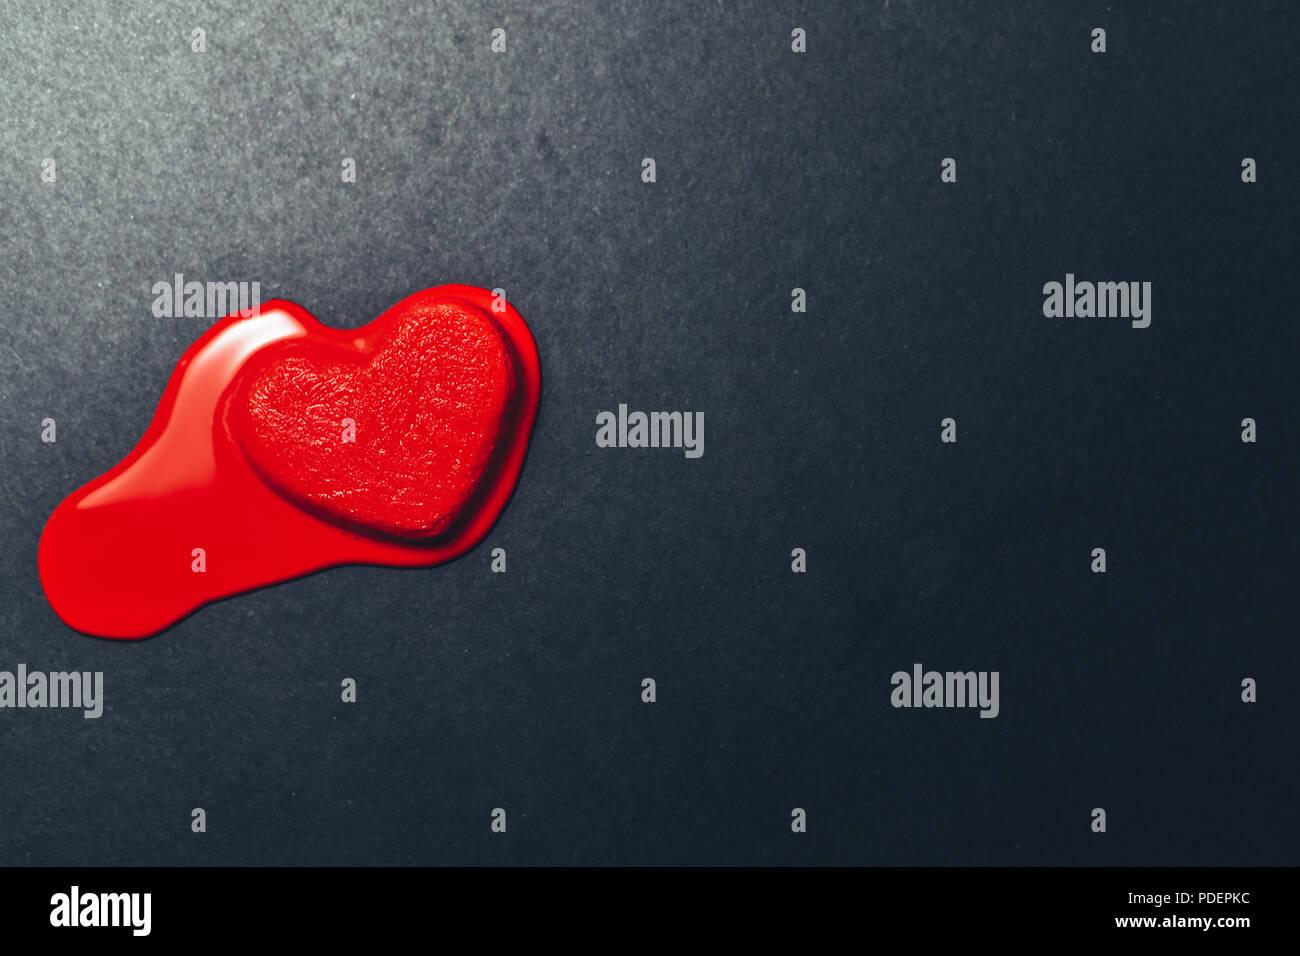 Helados con forma de corazón rojo fusión oscura o negra sobre un papel con textura de fondo. Concepto de verano, amor y corazón romper Imagen De Stock